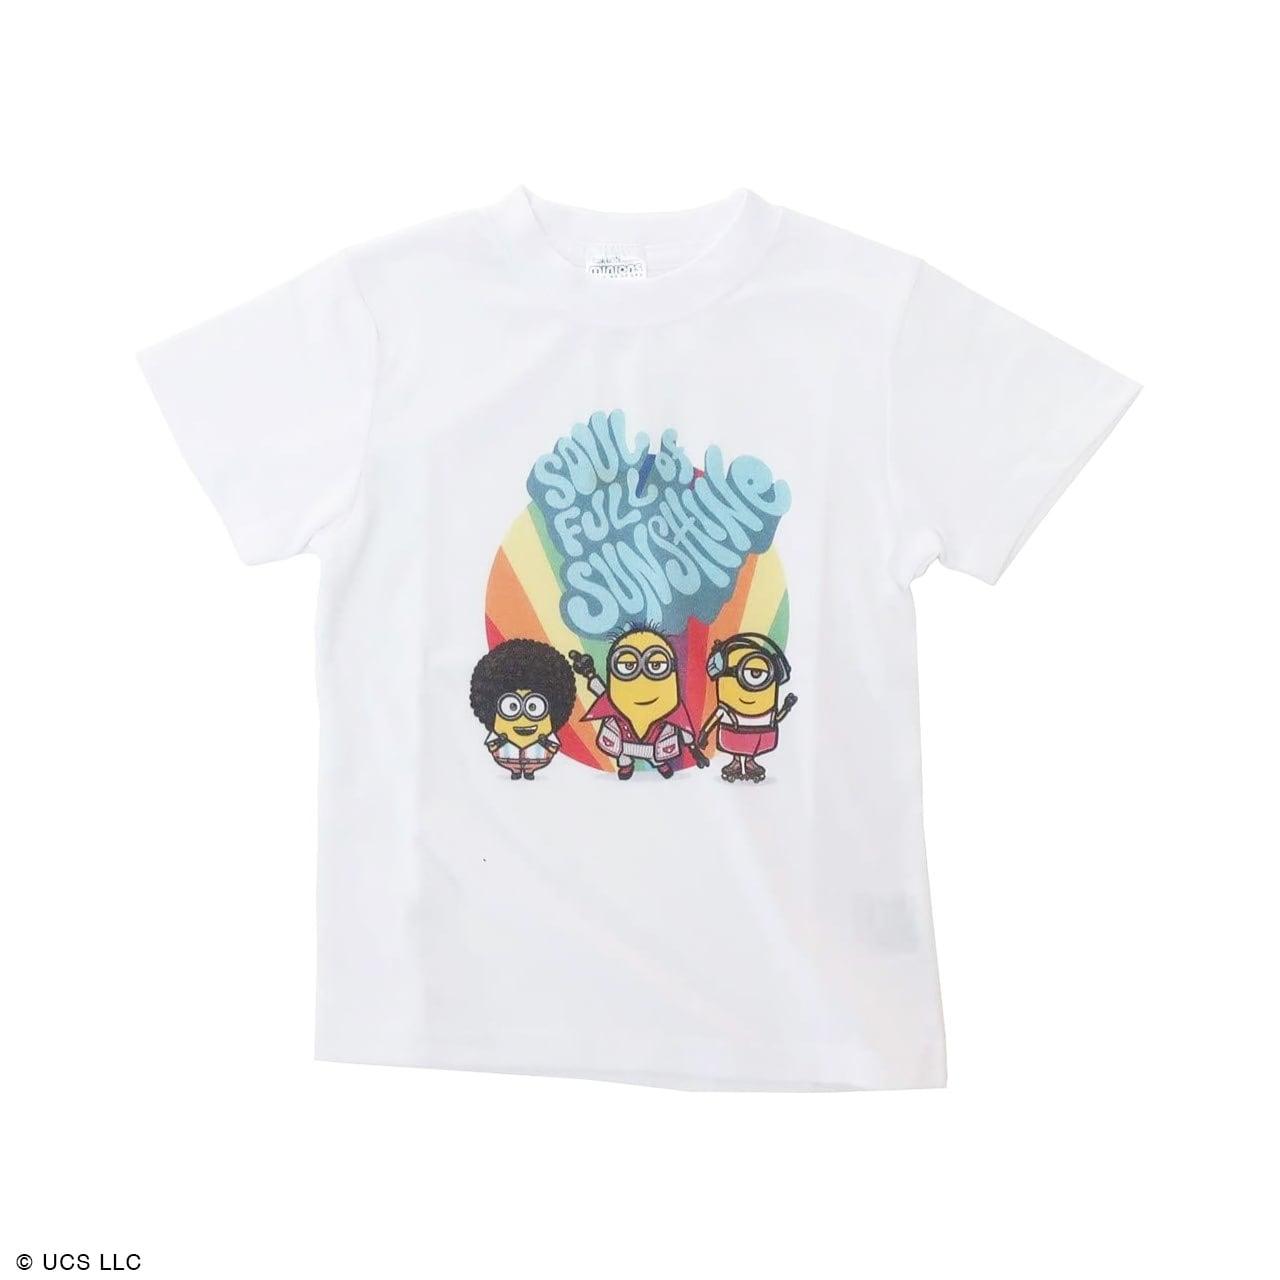 キッズTシャツ/ミニオン(映画『ミニオンズ フィーバー』 70's)